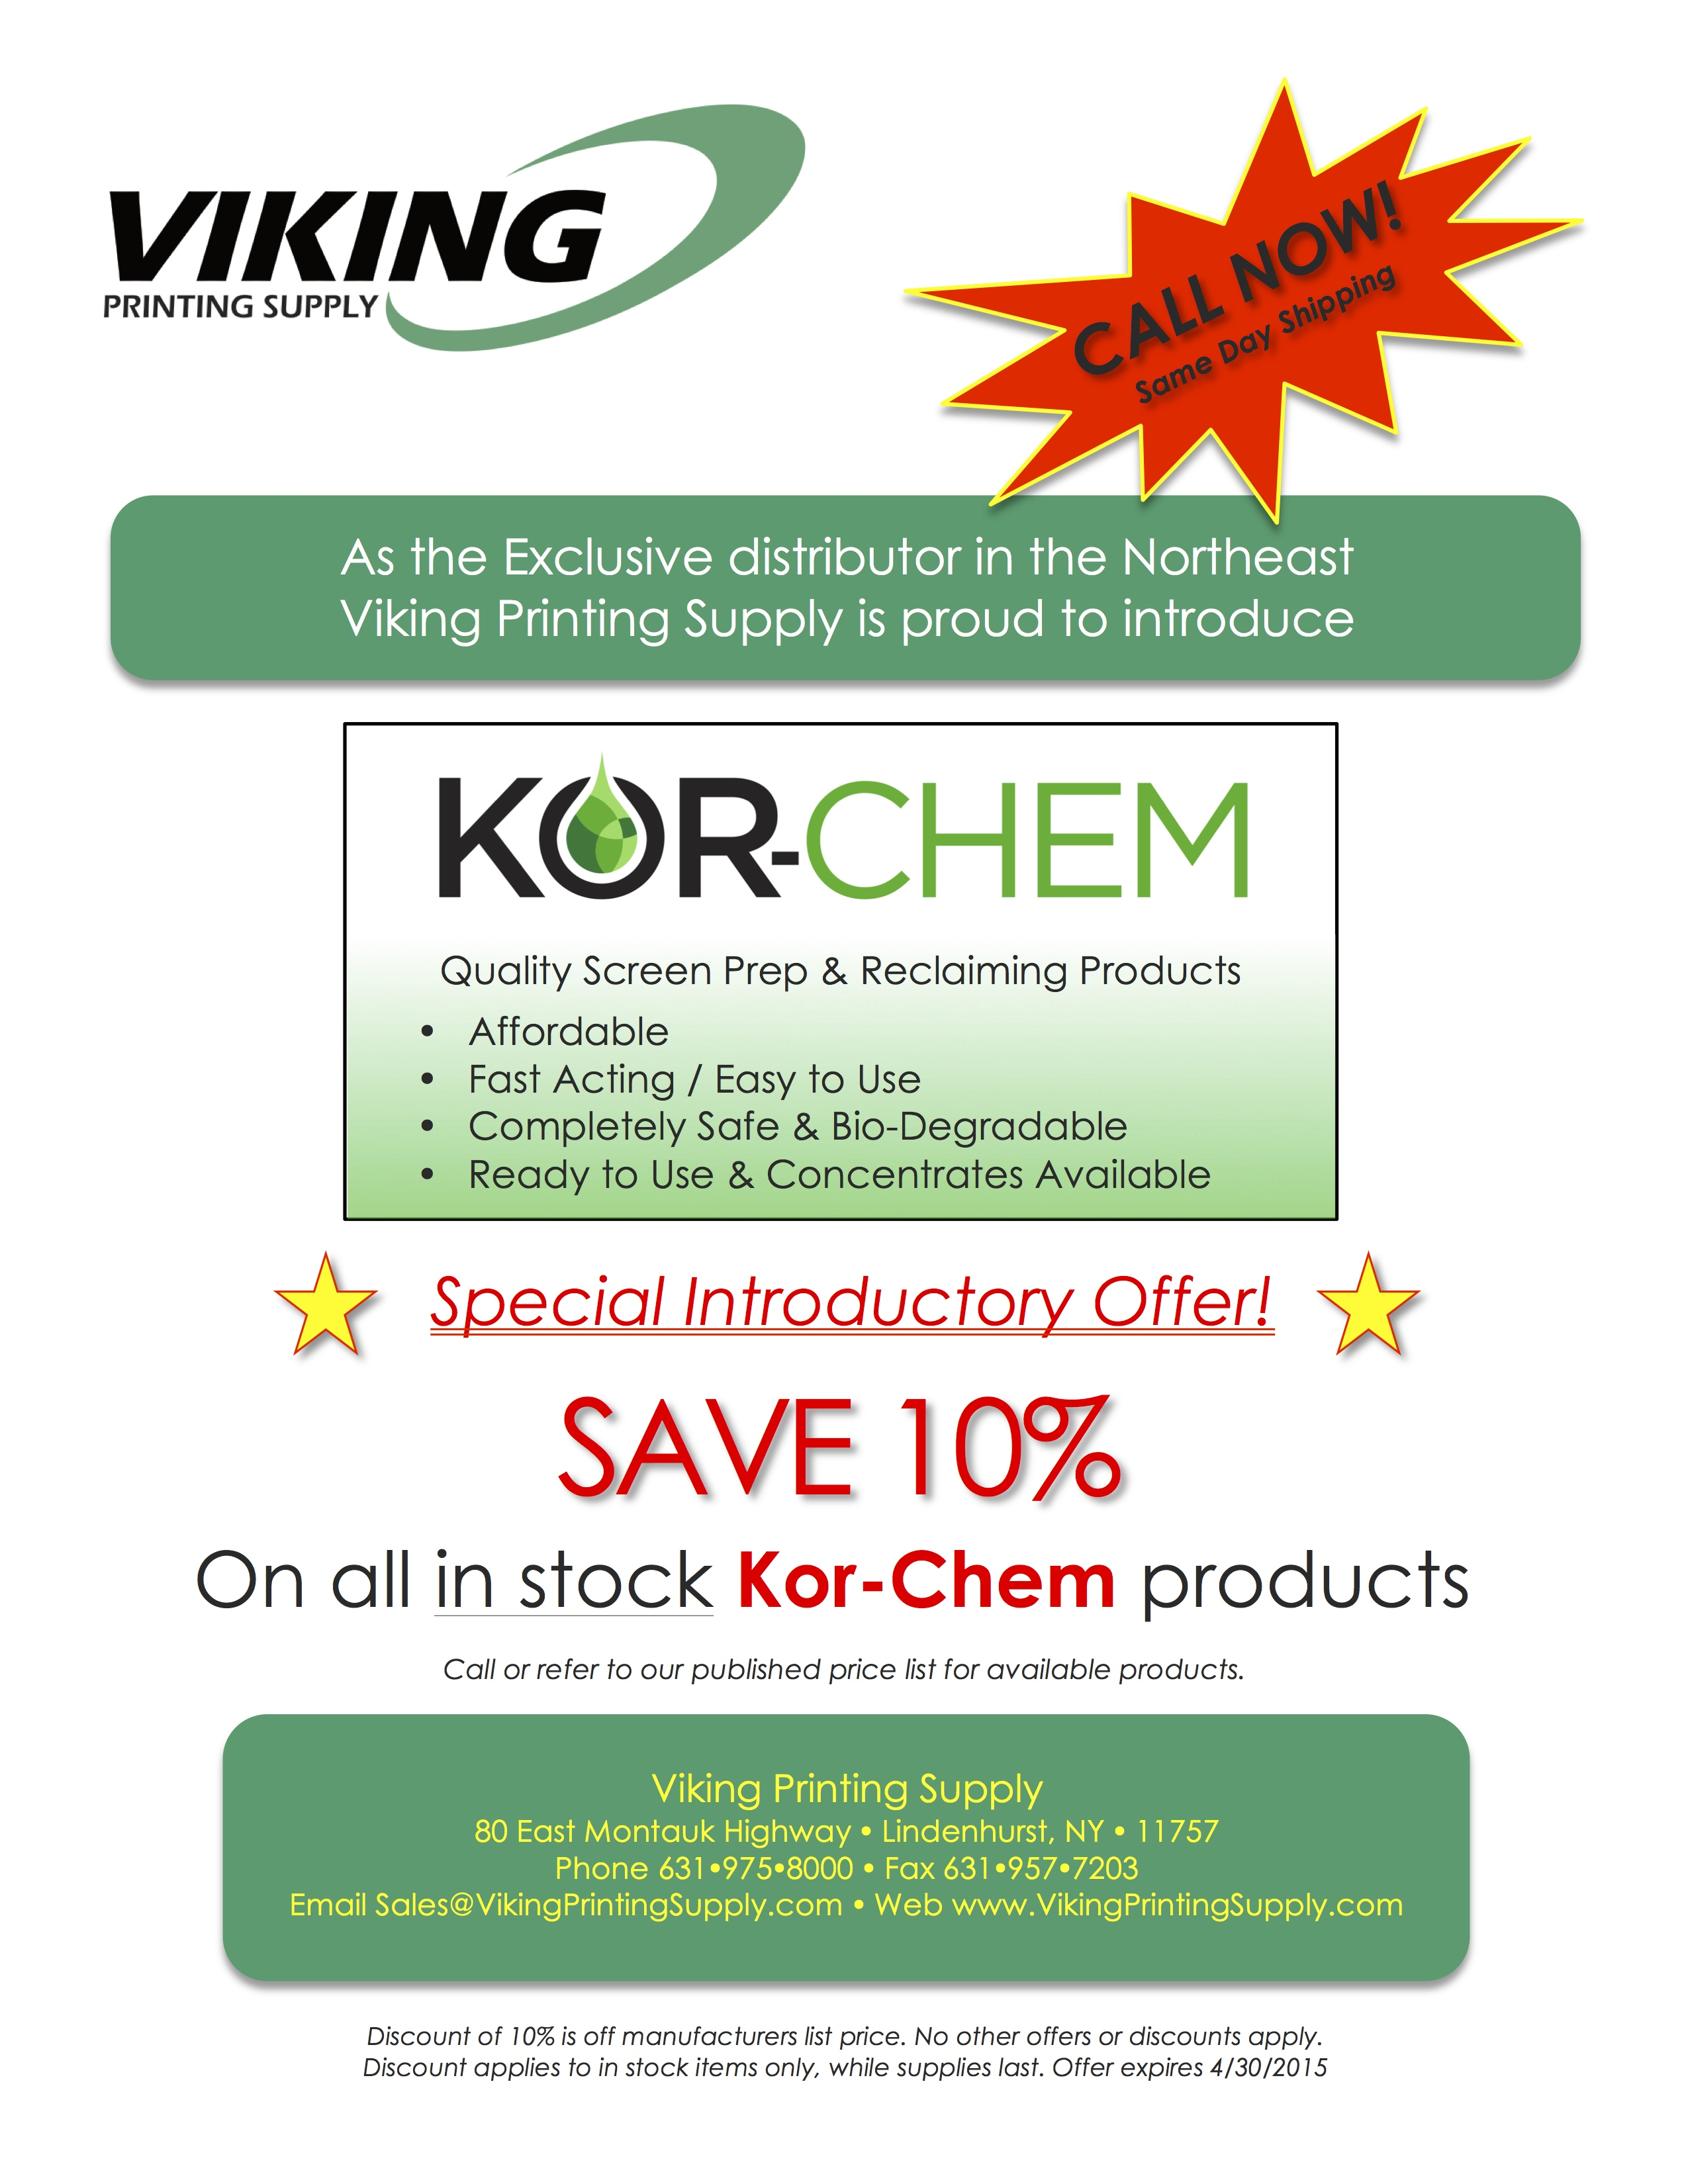 VPS_Kor_Chem_Intro_4_30